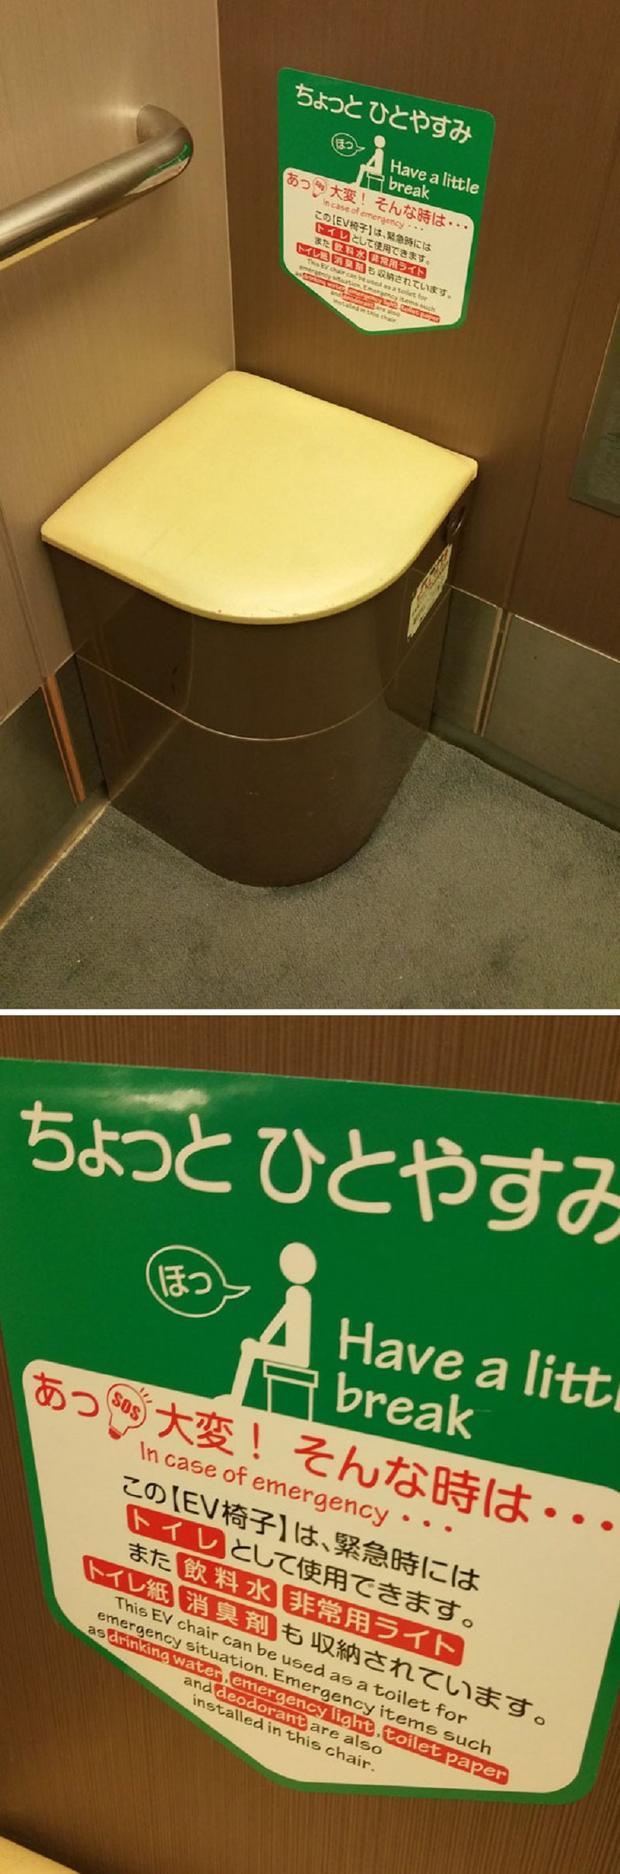 Nhà vệ sinh khẩn cấp trong thang máy.